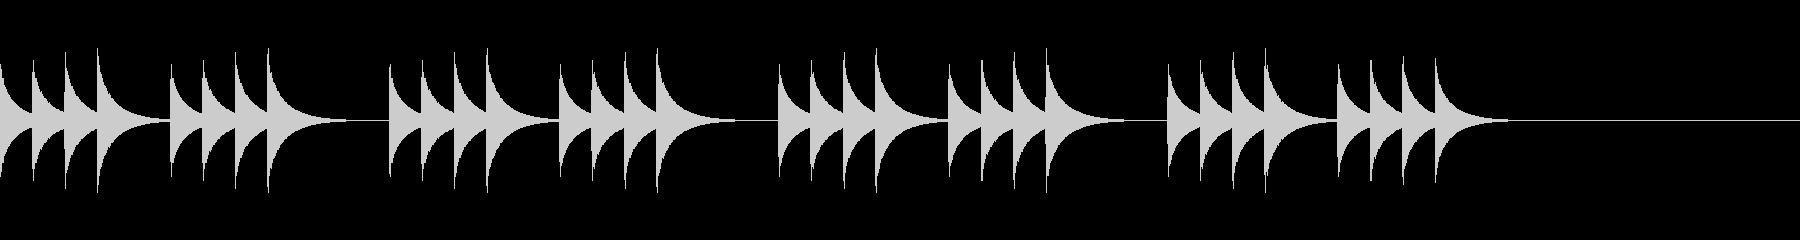 柔らかいコール音02の未再生の波形